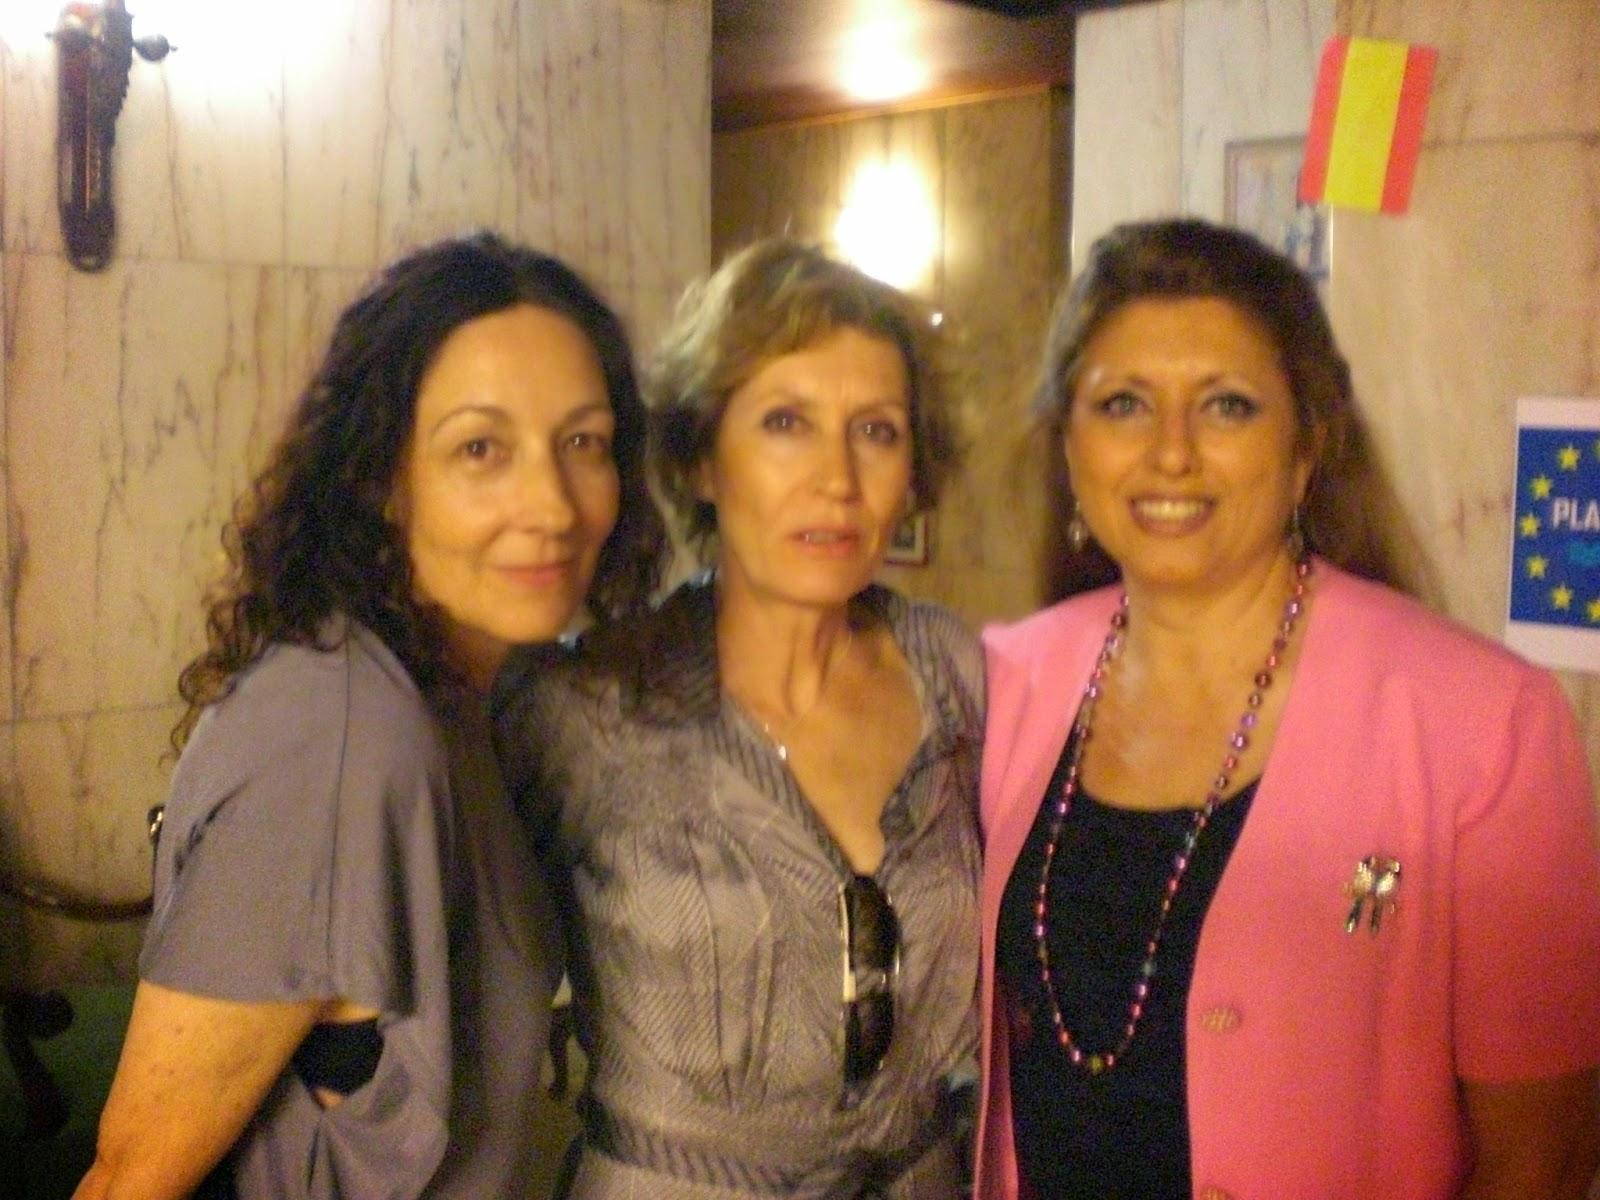 El Blog de María Serralba - Placem, Acto presentación